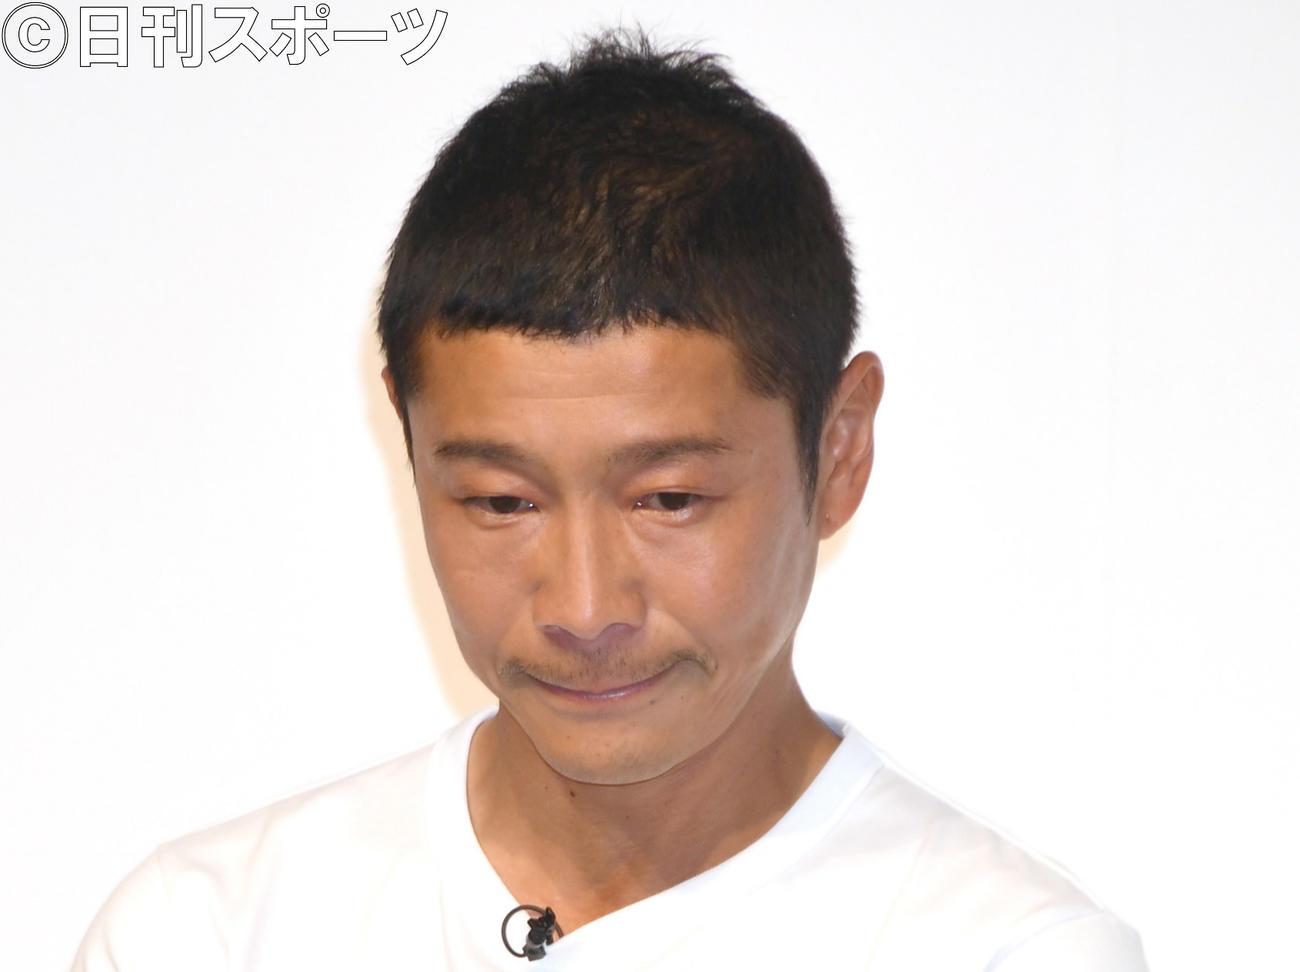 前澤友作氏、一部週刊誌の行き過ぎ取材に自粛求める